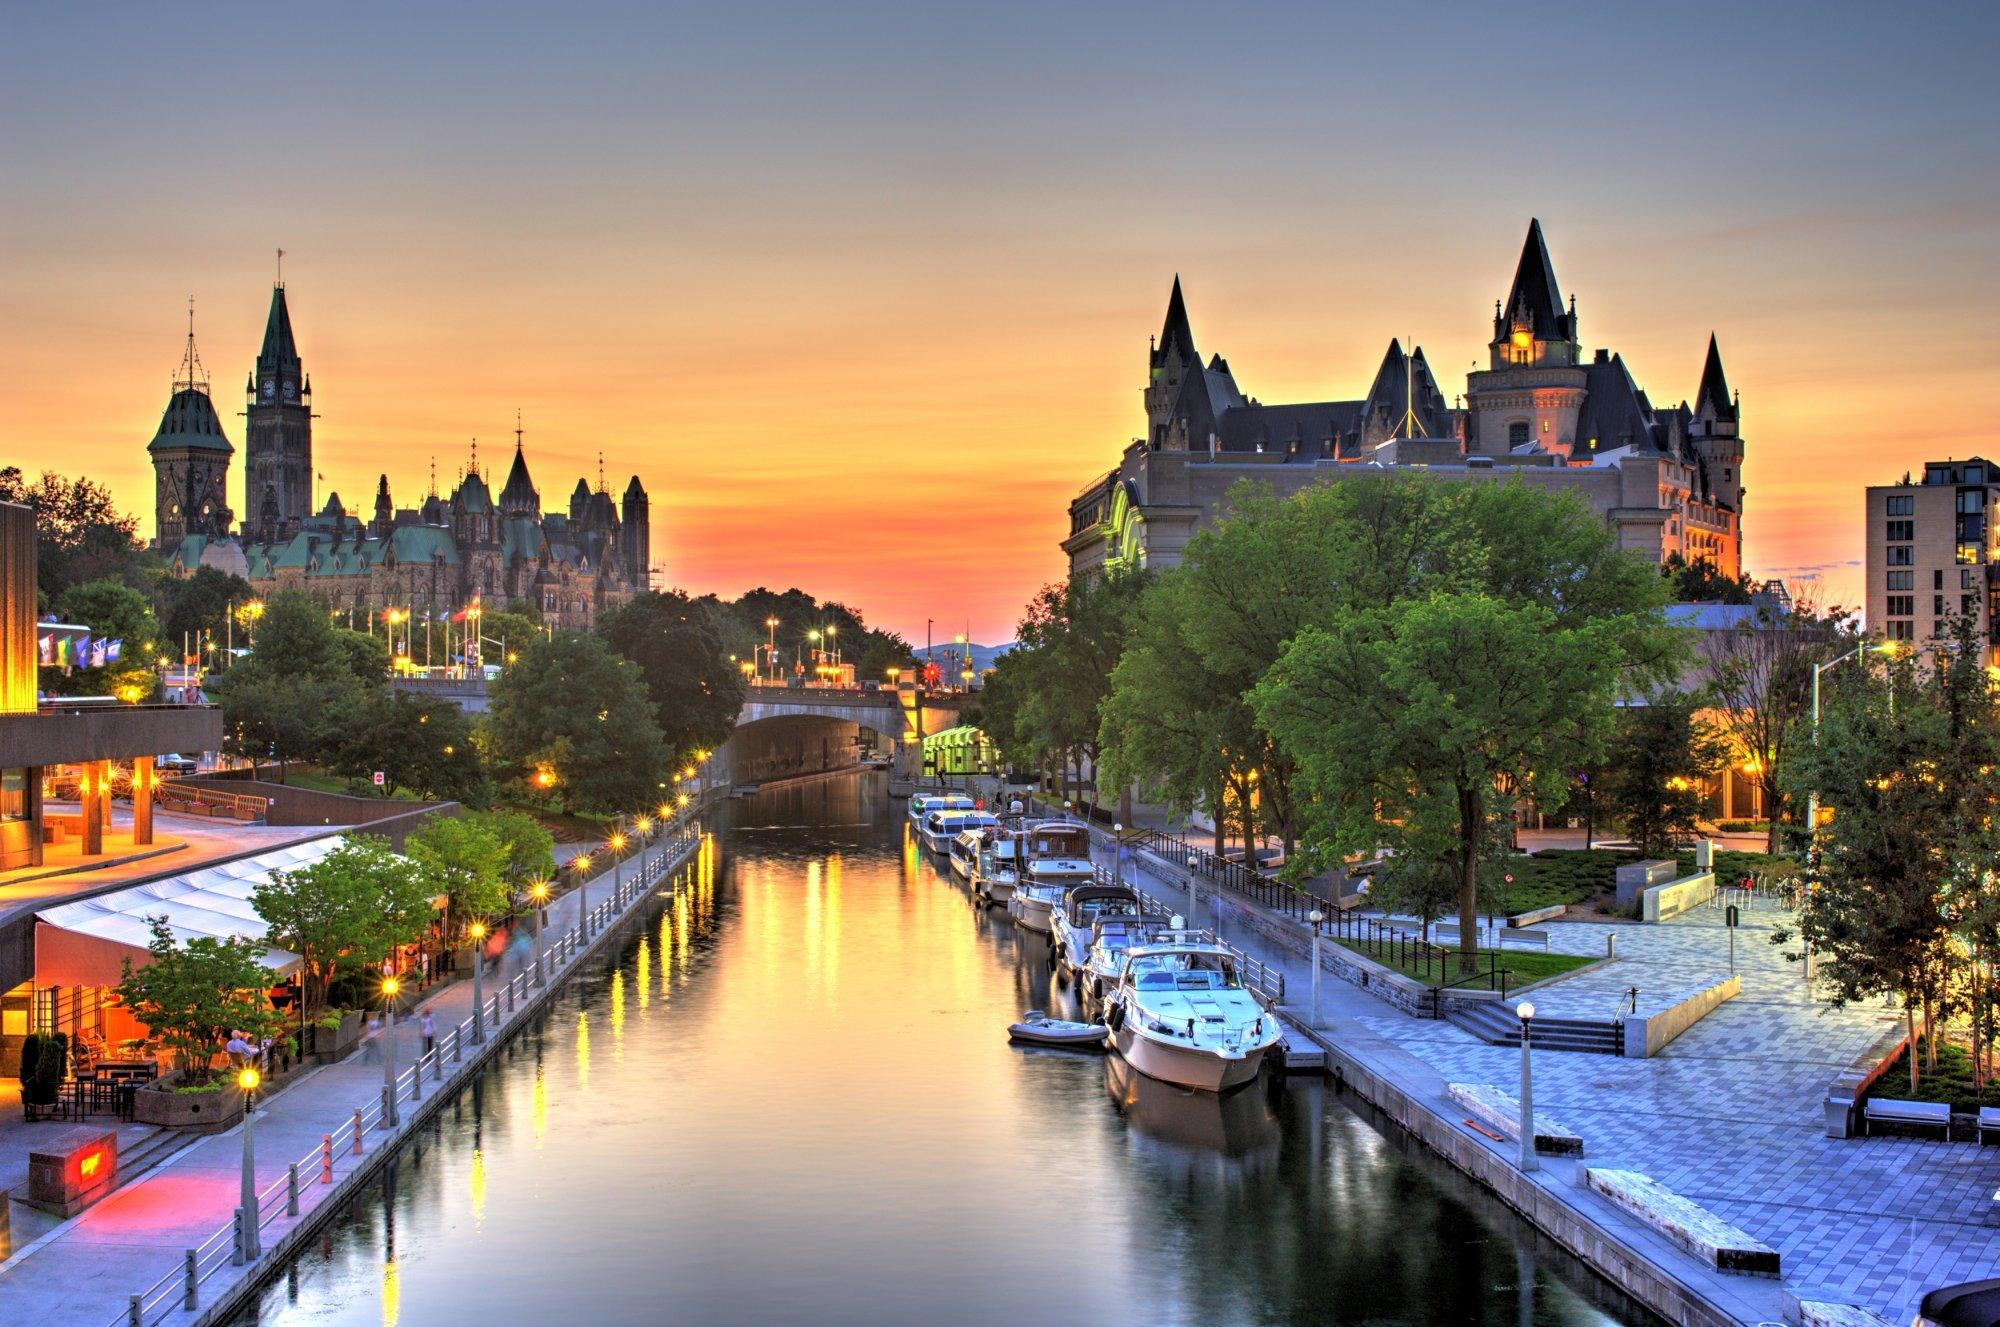 Ottawa còn được biết đến như là trung tâm giáo dục công nghệ cao, khoa học kỹ thuật, y học, khoa học